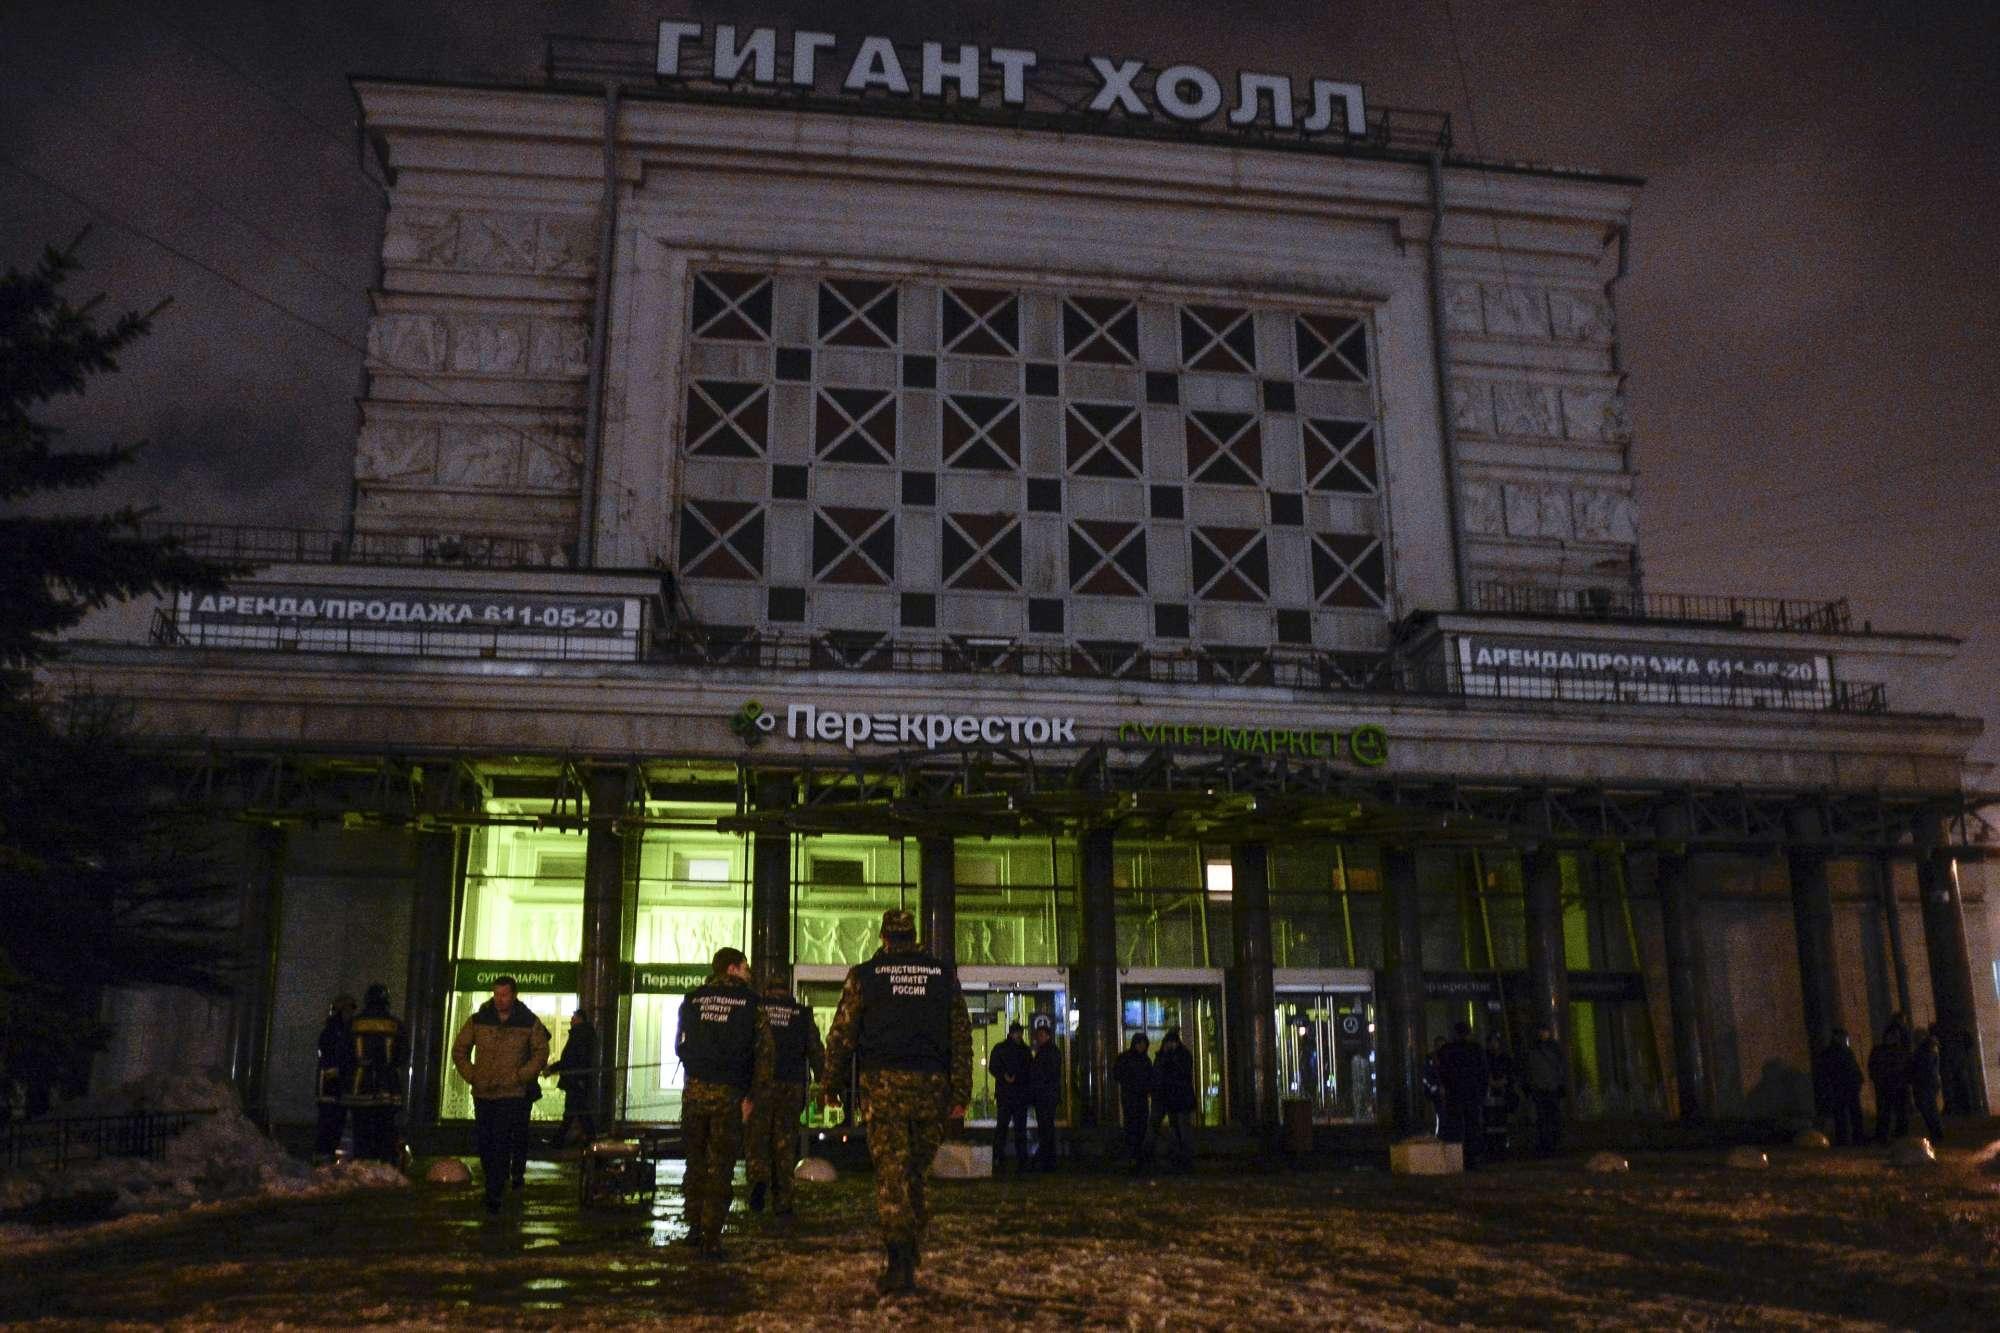 Esplosione in un supermercato a San Pietroburgo. Una decina di feriti